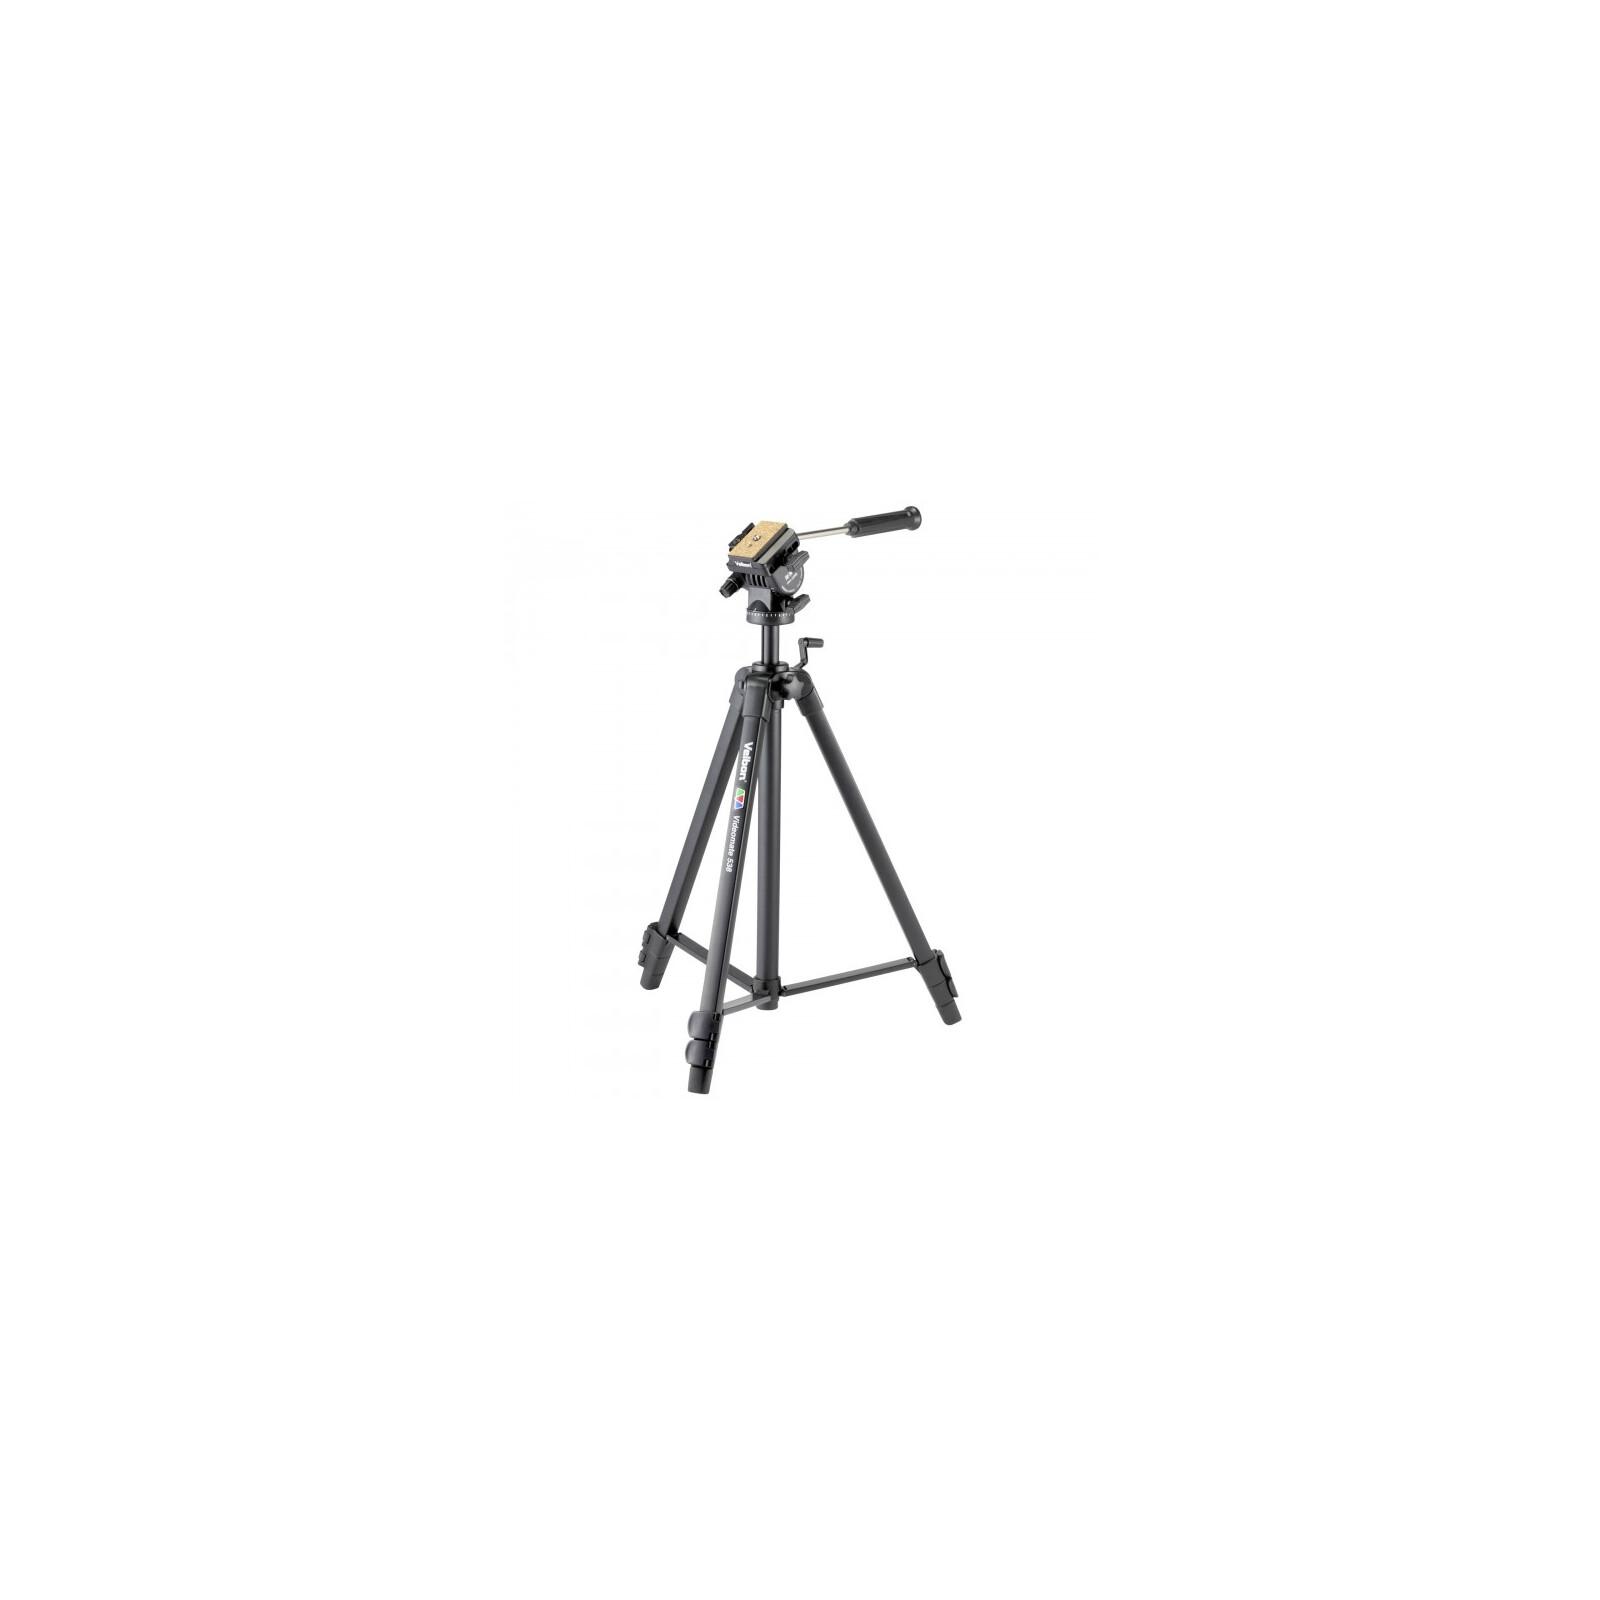 Velbon Videomate 538F